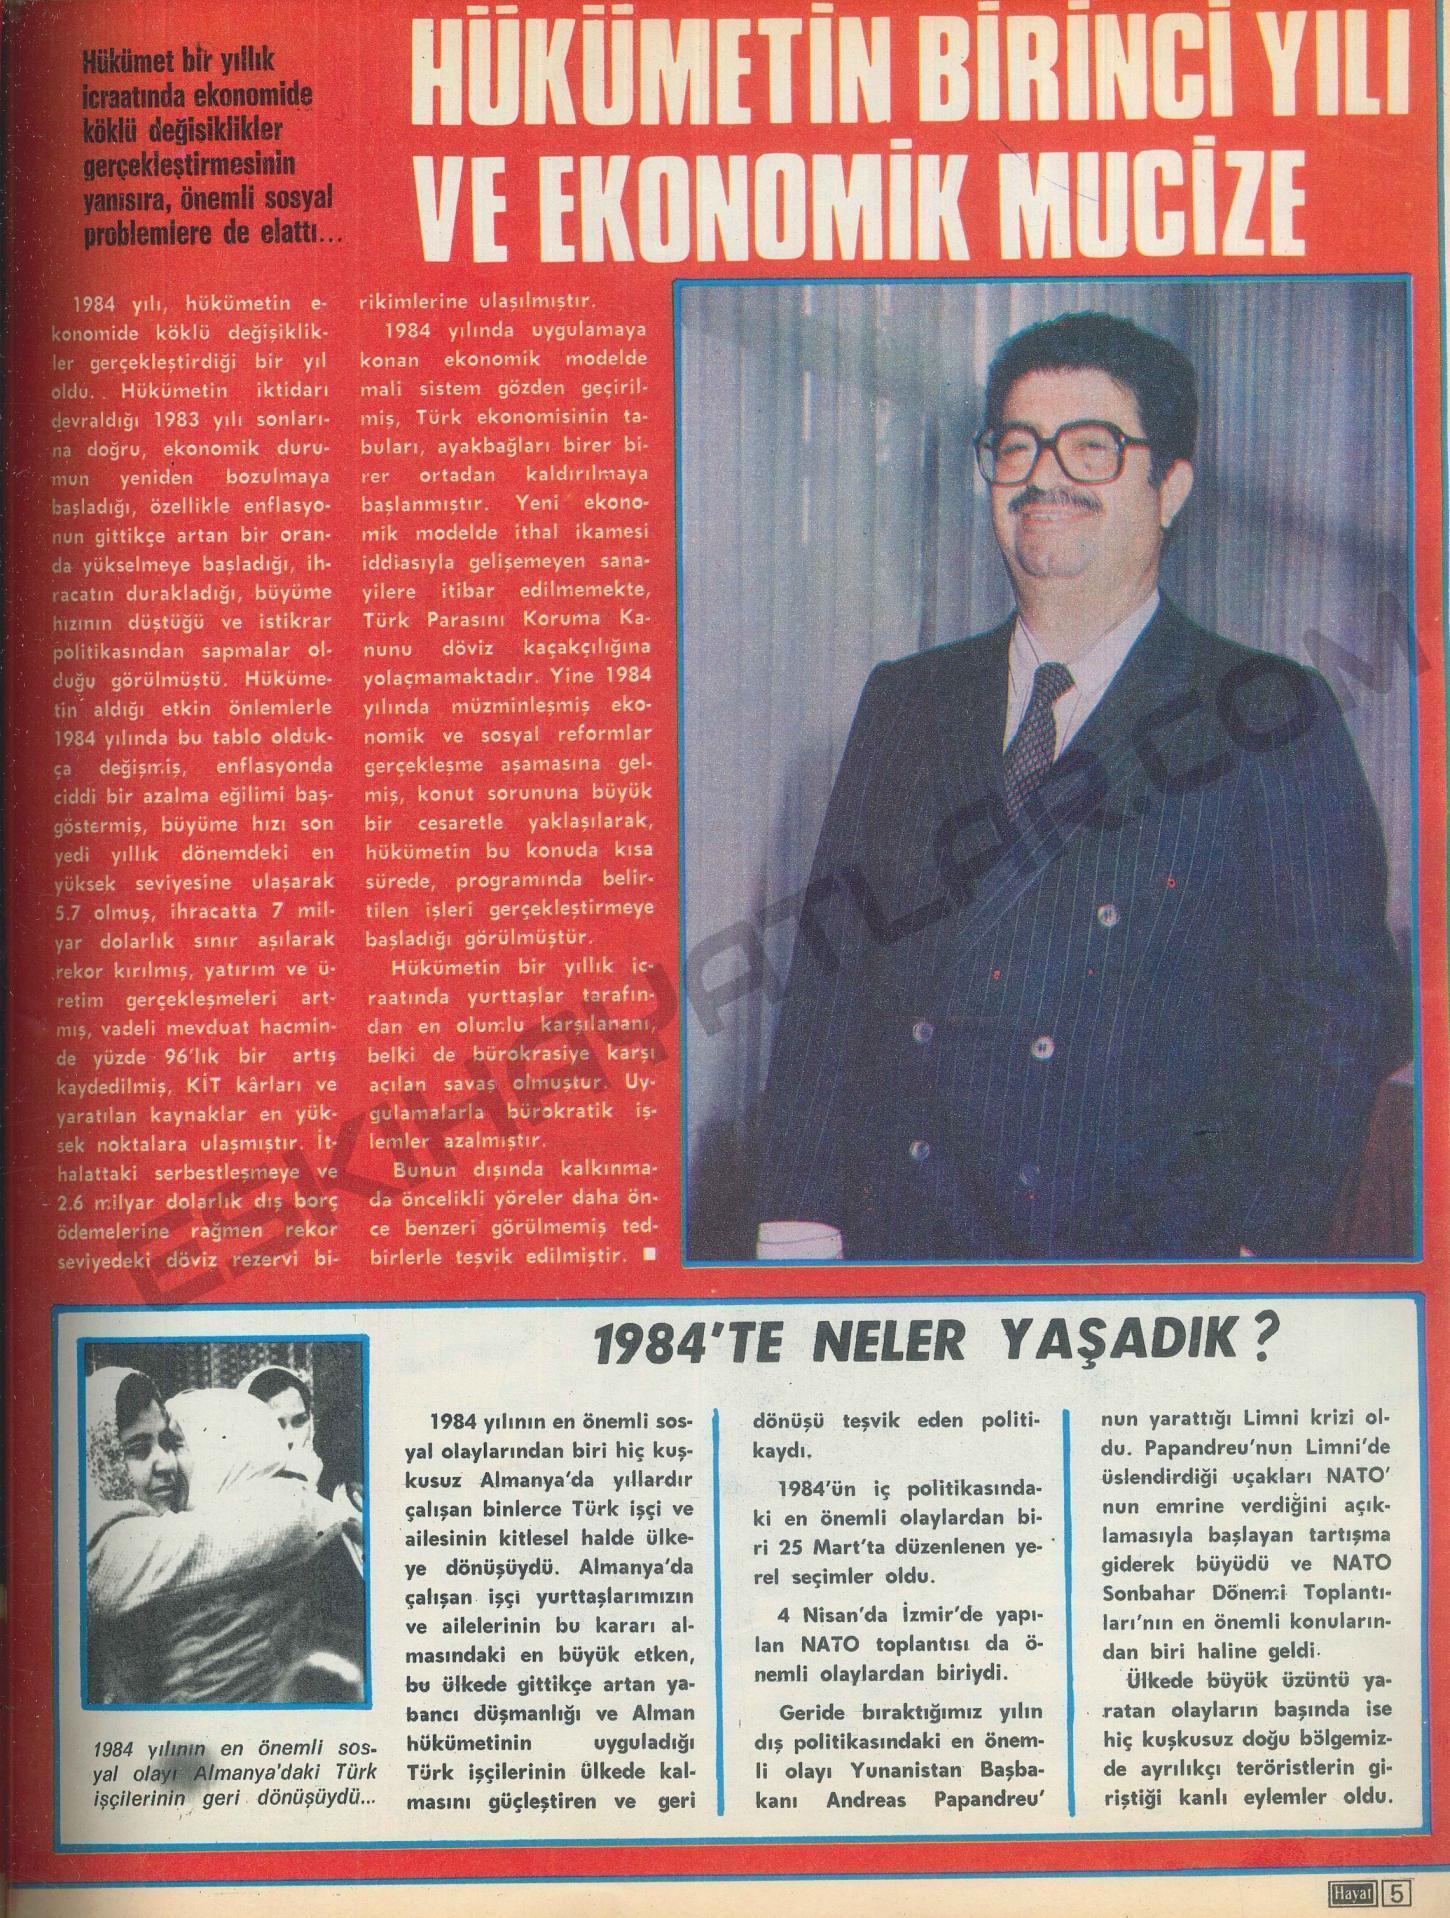 turgut-ozal-yillari-turkiye-ekonomisi-1984-yili-hayat-dergisi (2)